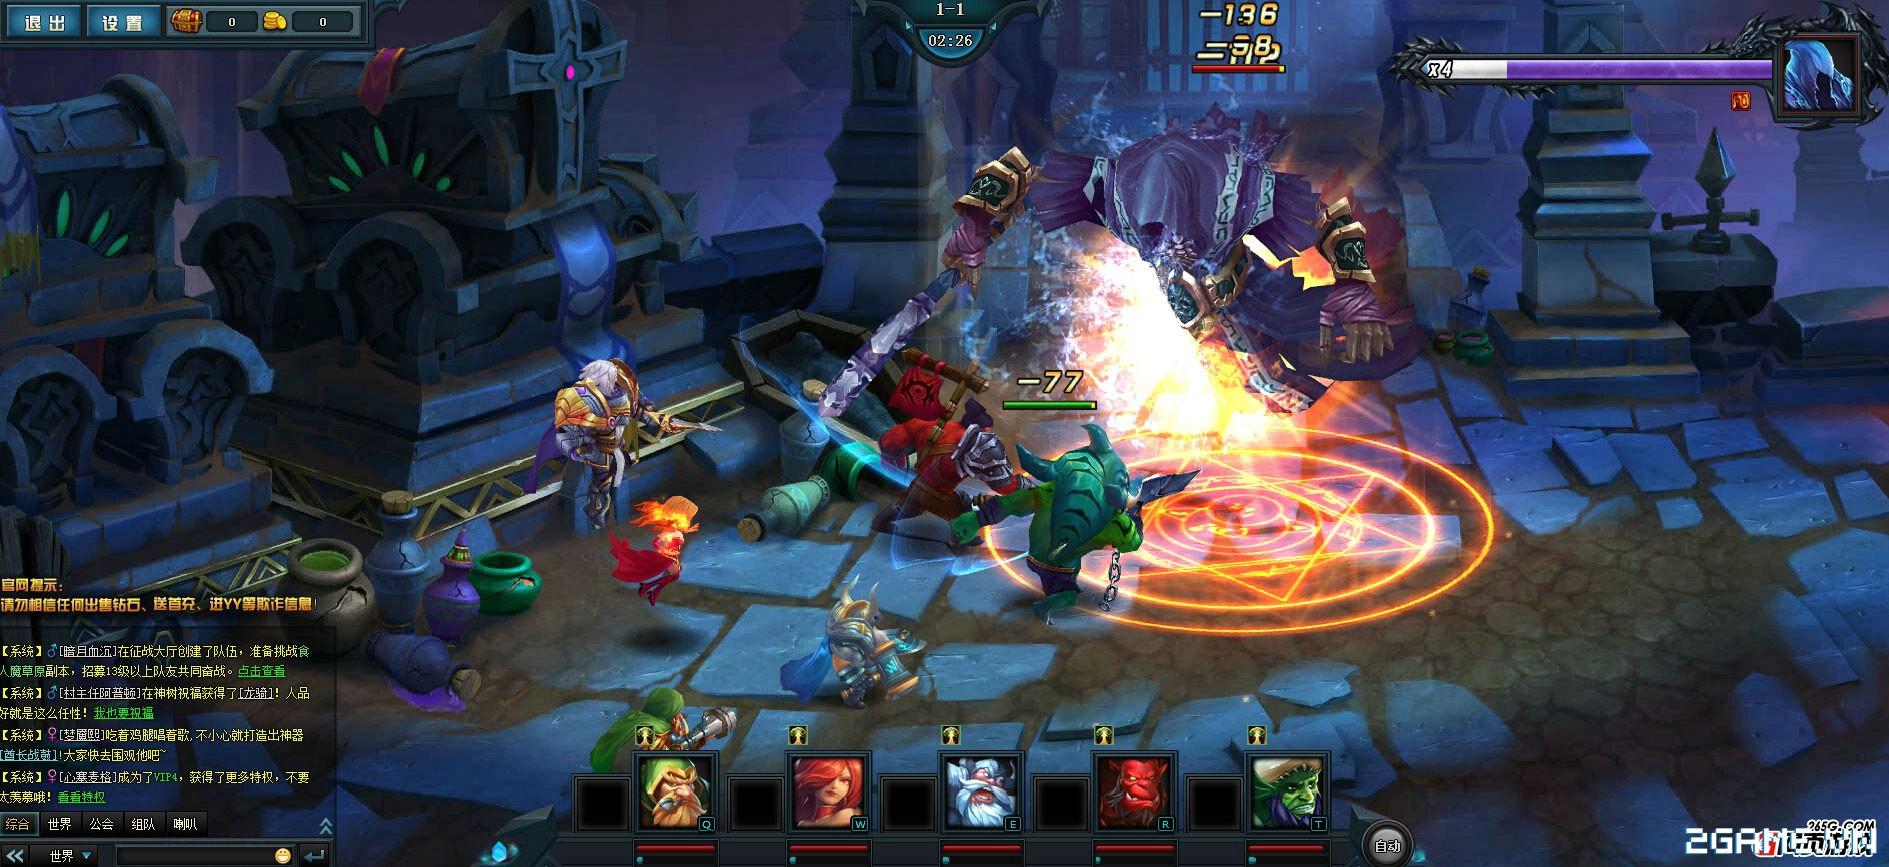 Webgame Đao Tháp Huyết Chiến - Tái hiện đấu trường DotA kiểu mới 0